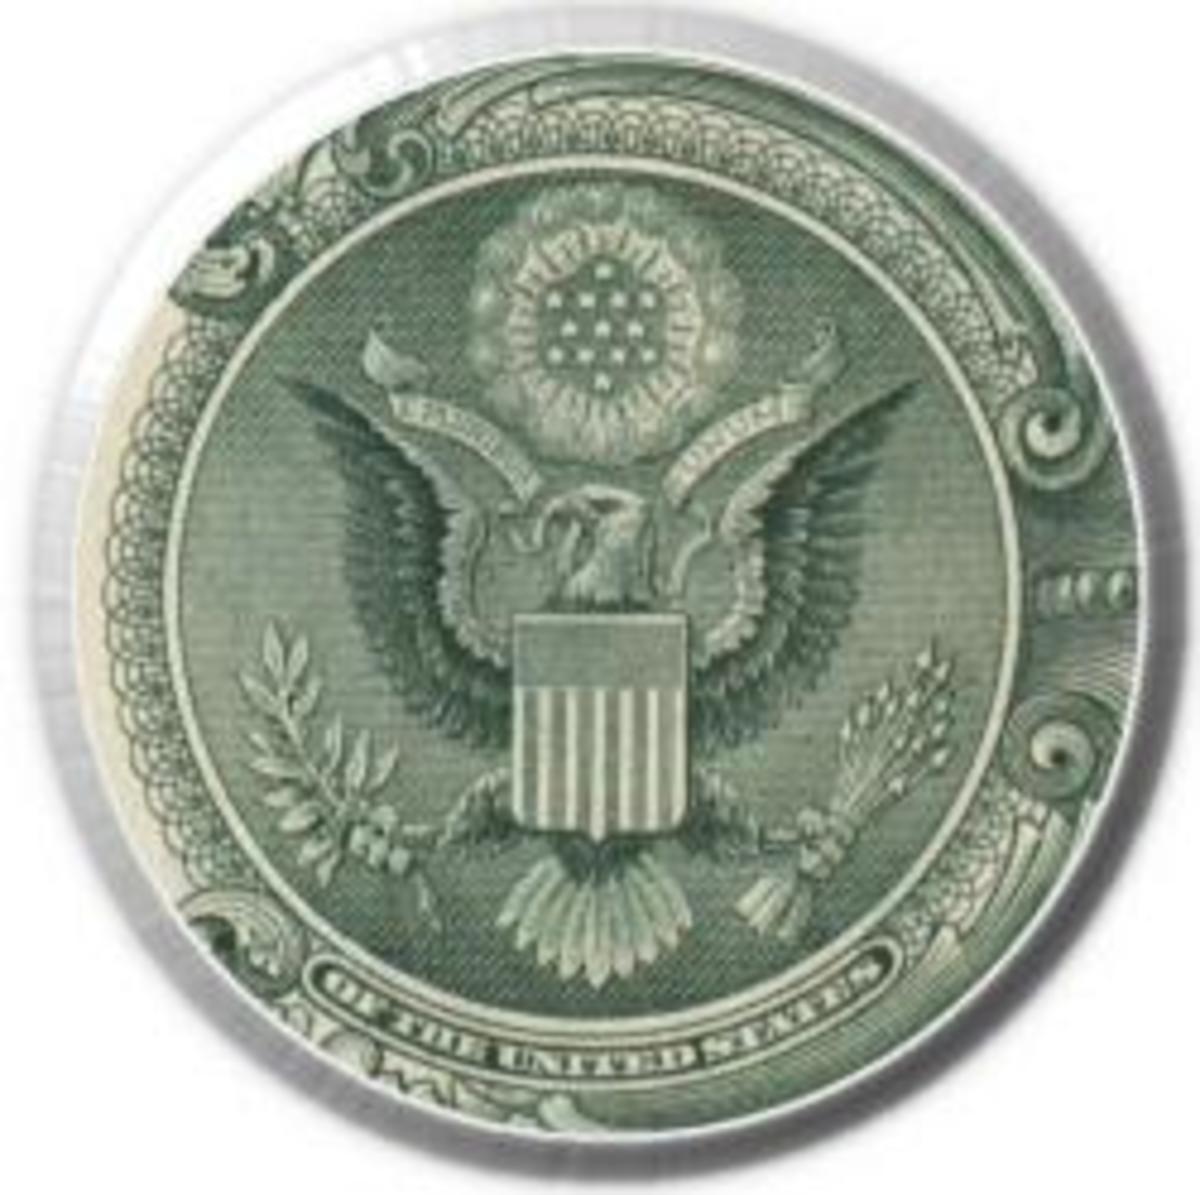 10 dollar bill secrets. at a one dollar bill on a